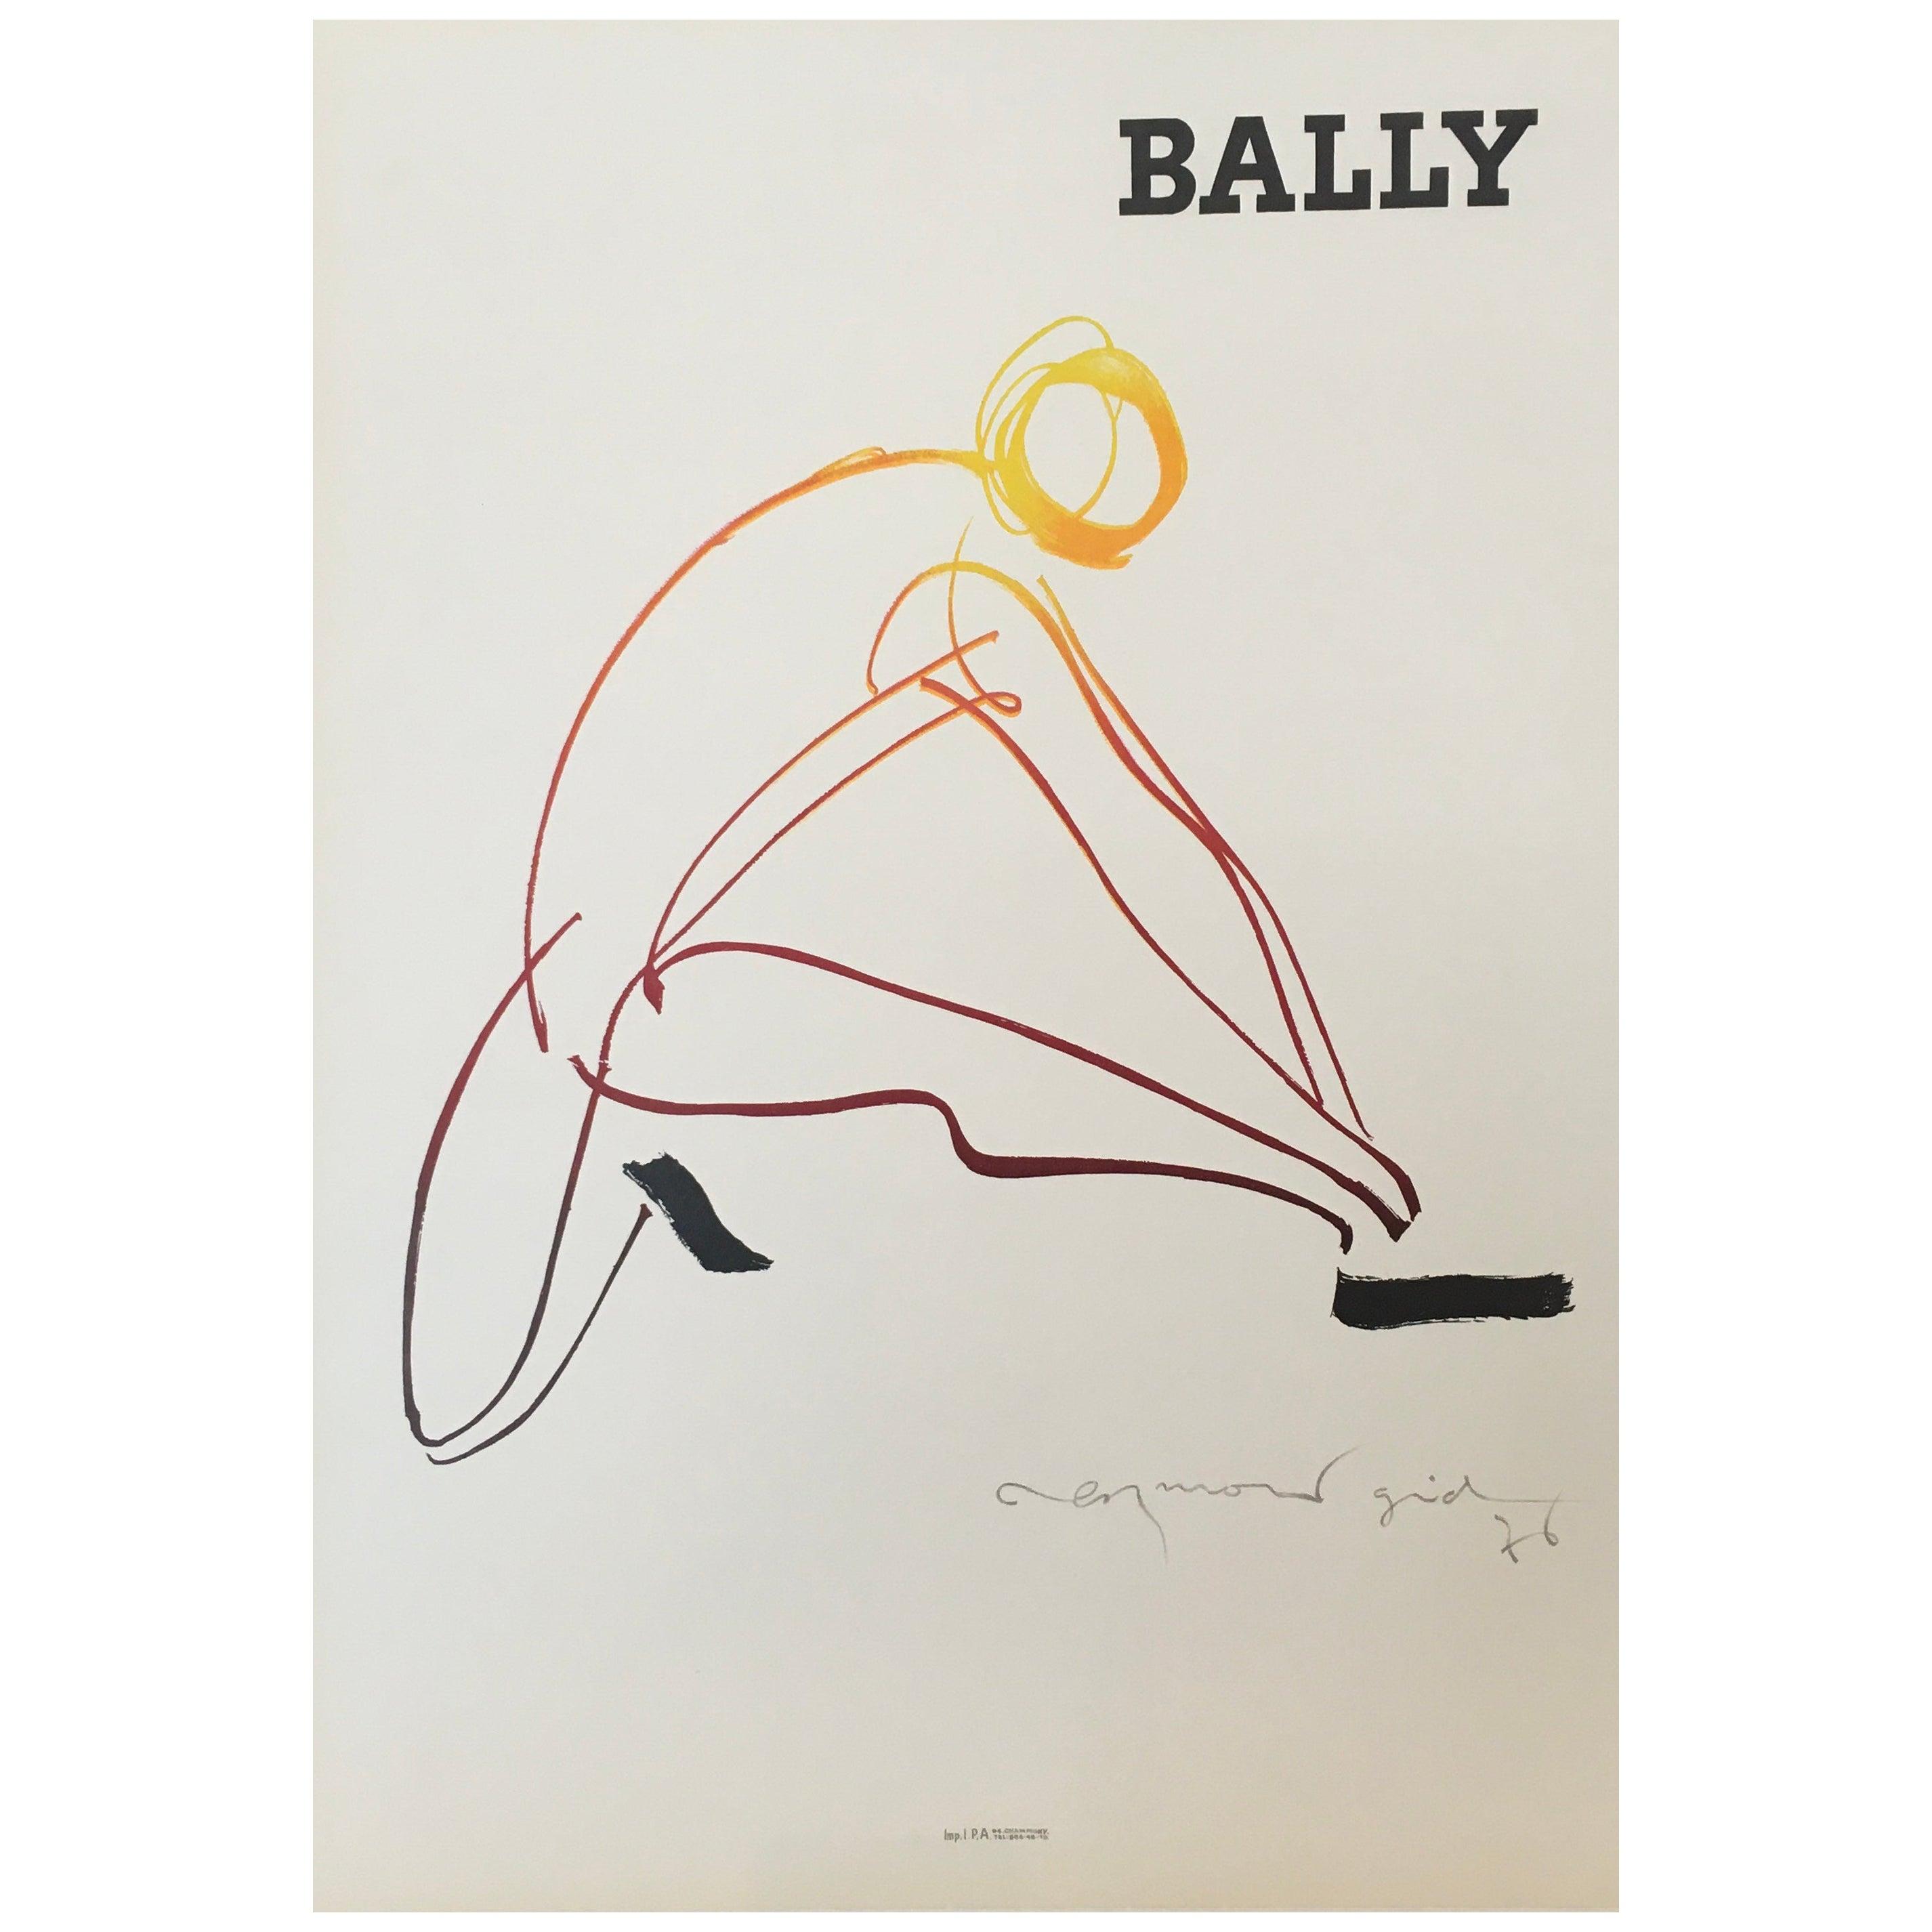 Bally Gid Homme, Original Vintage Poster, 1976